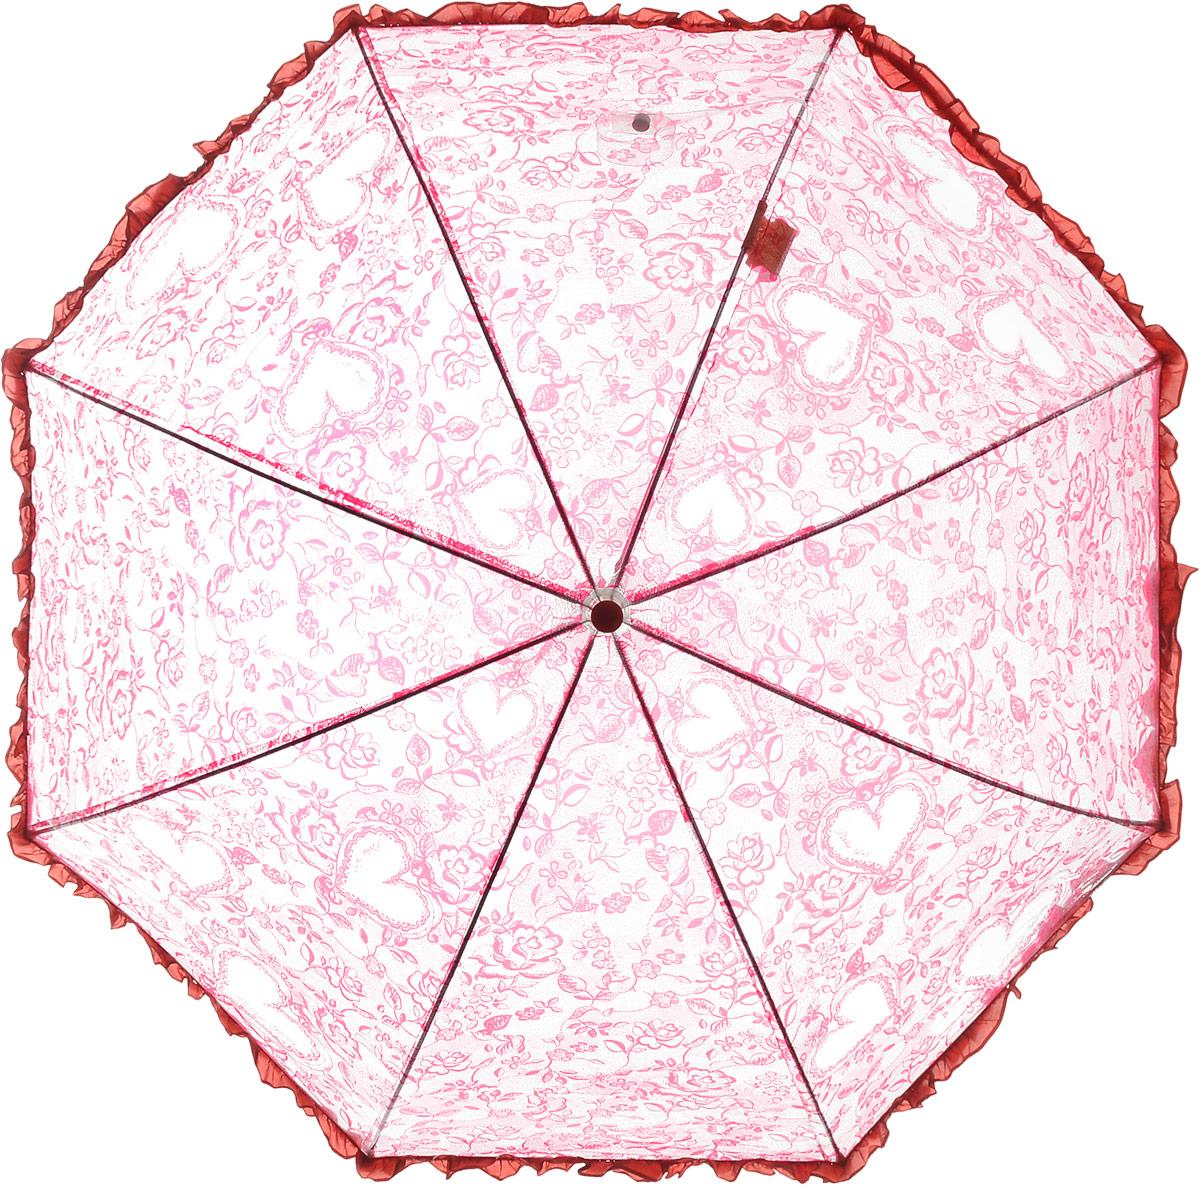 Зонт детский Airton, механический, трость, цвет: прозрачный, красный. 1651-04Колье (короткие одноярусные бусы)Замечательный прозрачный зонтик Airton для юной модницы с рисунком сердечки. Механизм зонта - полуавтомат. Купол зонта изготовлен из прочного ПВХ. Практичная рукоятка закругленной формы разработана с учетом требований эргономики и выполнена из качественного пластика с противоскользящей обработкой. Аксессуар сделан с соблюдением всех стандартов безопасности, острые концы заблокированы специальными клипсами, ручка в форме крюка позволит легко повесить зонт даже на собственную руку.